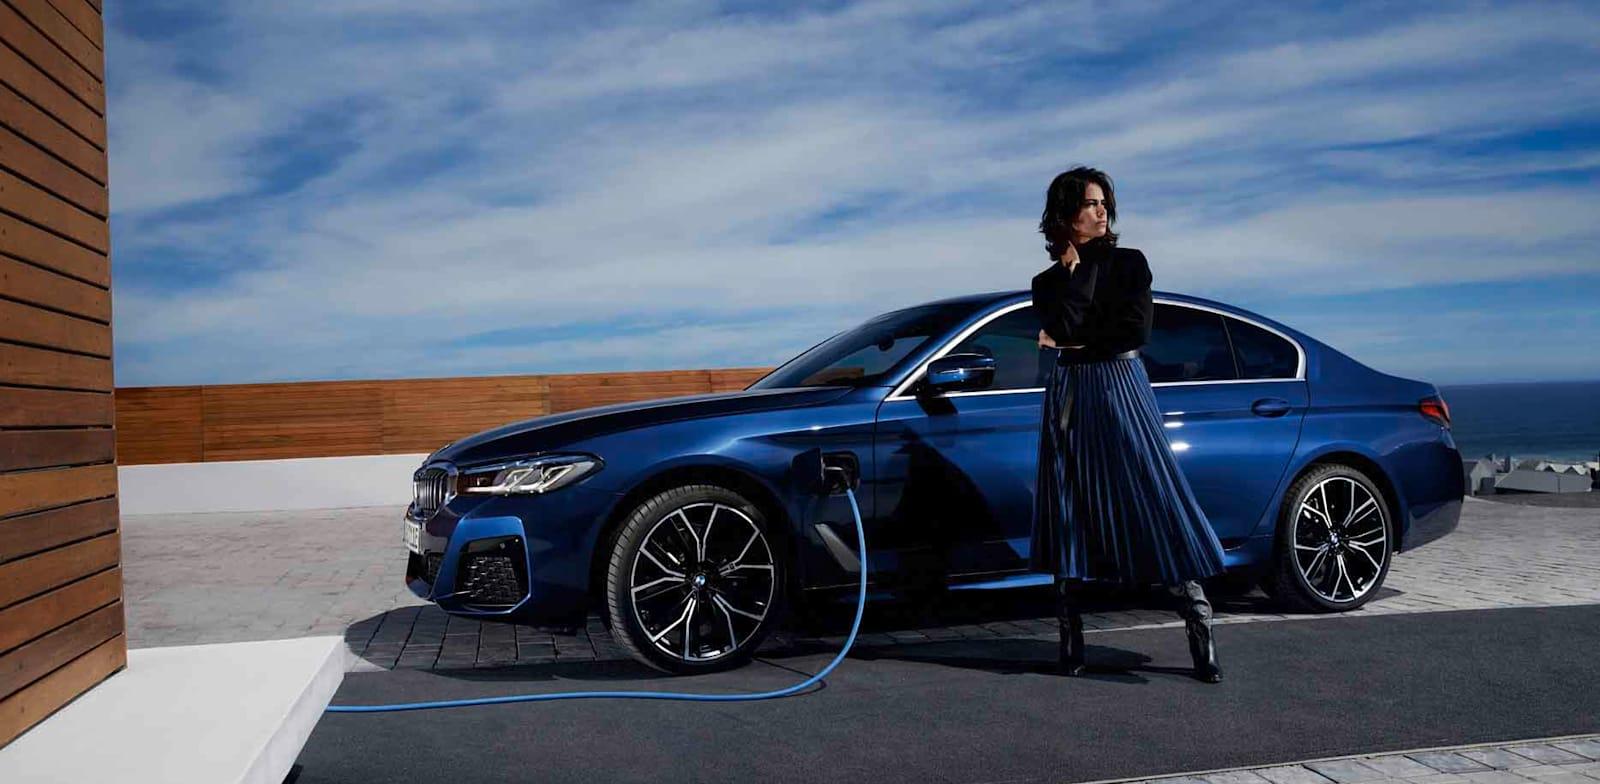 מסדרה 5 פלאג אין היבריד. לסייע במעבר לעידן החשמלי BMW / צילום: באדיבות BMW